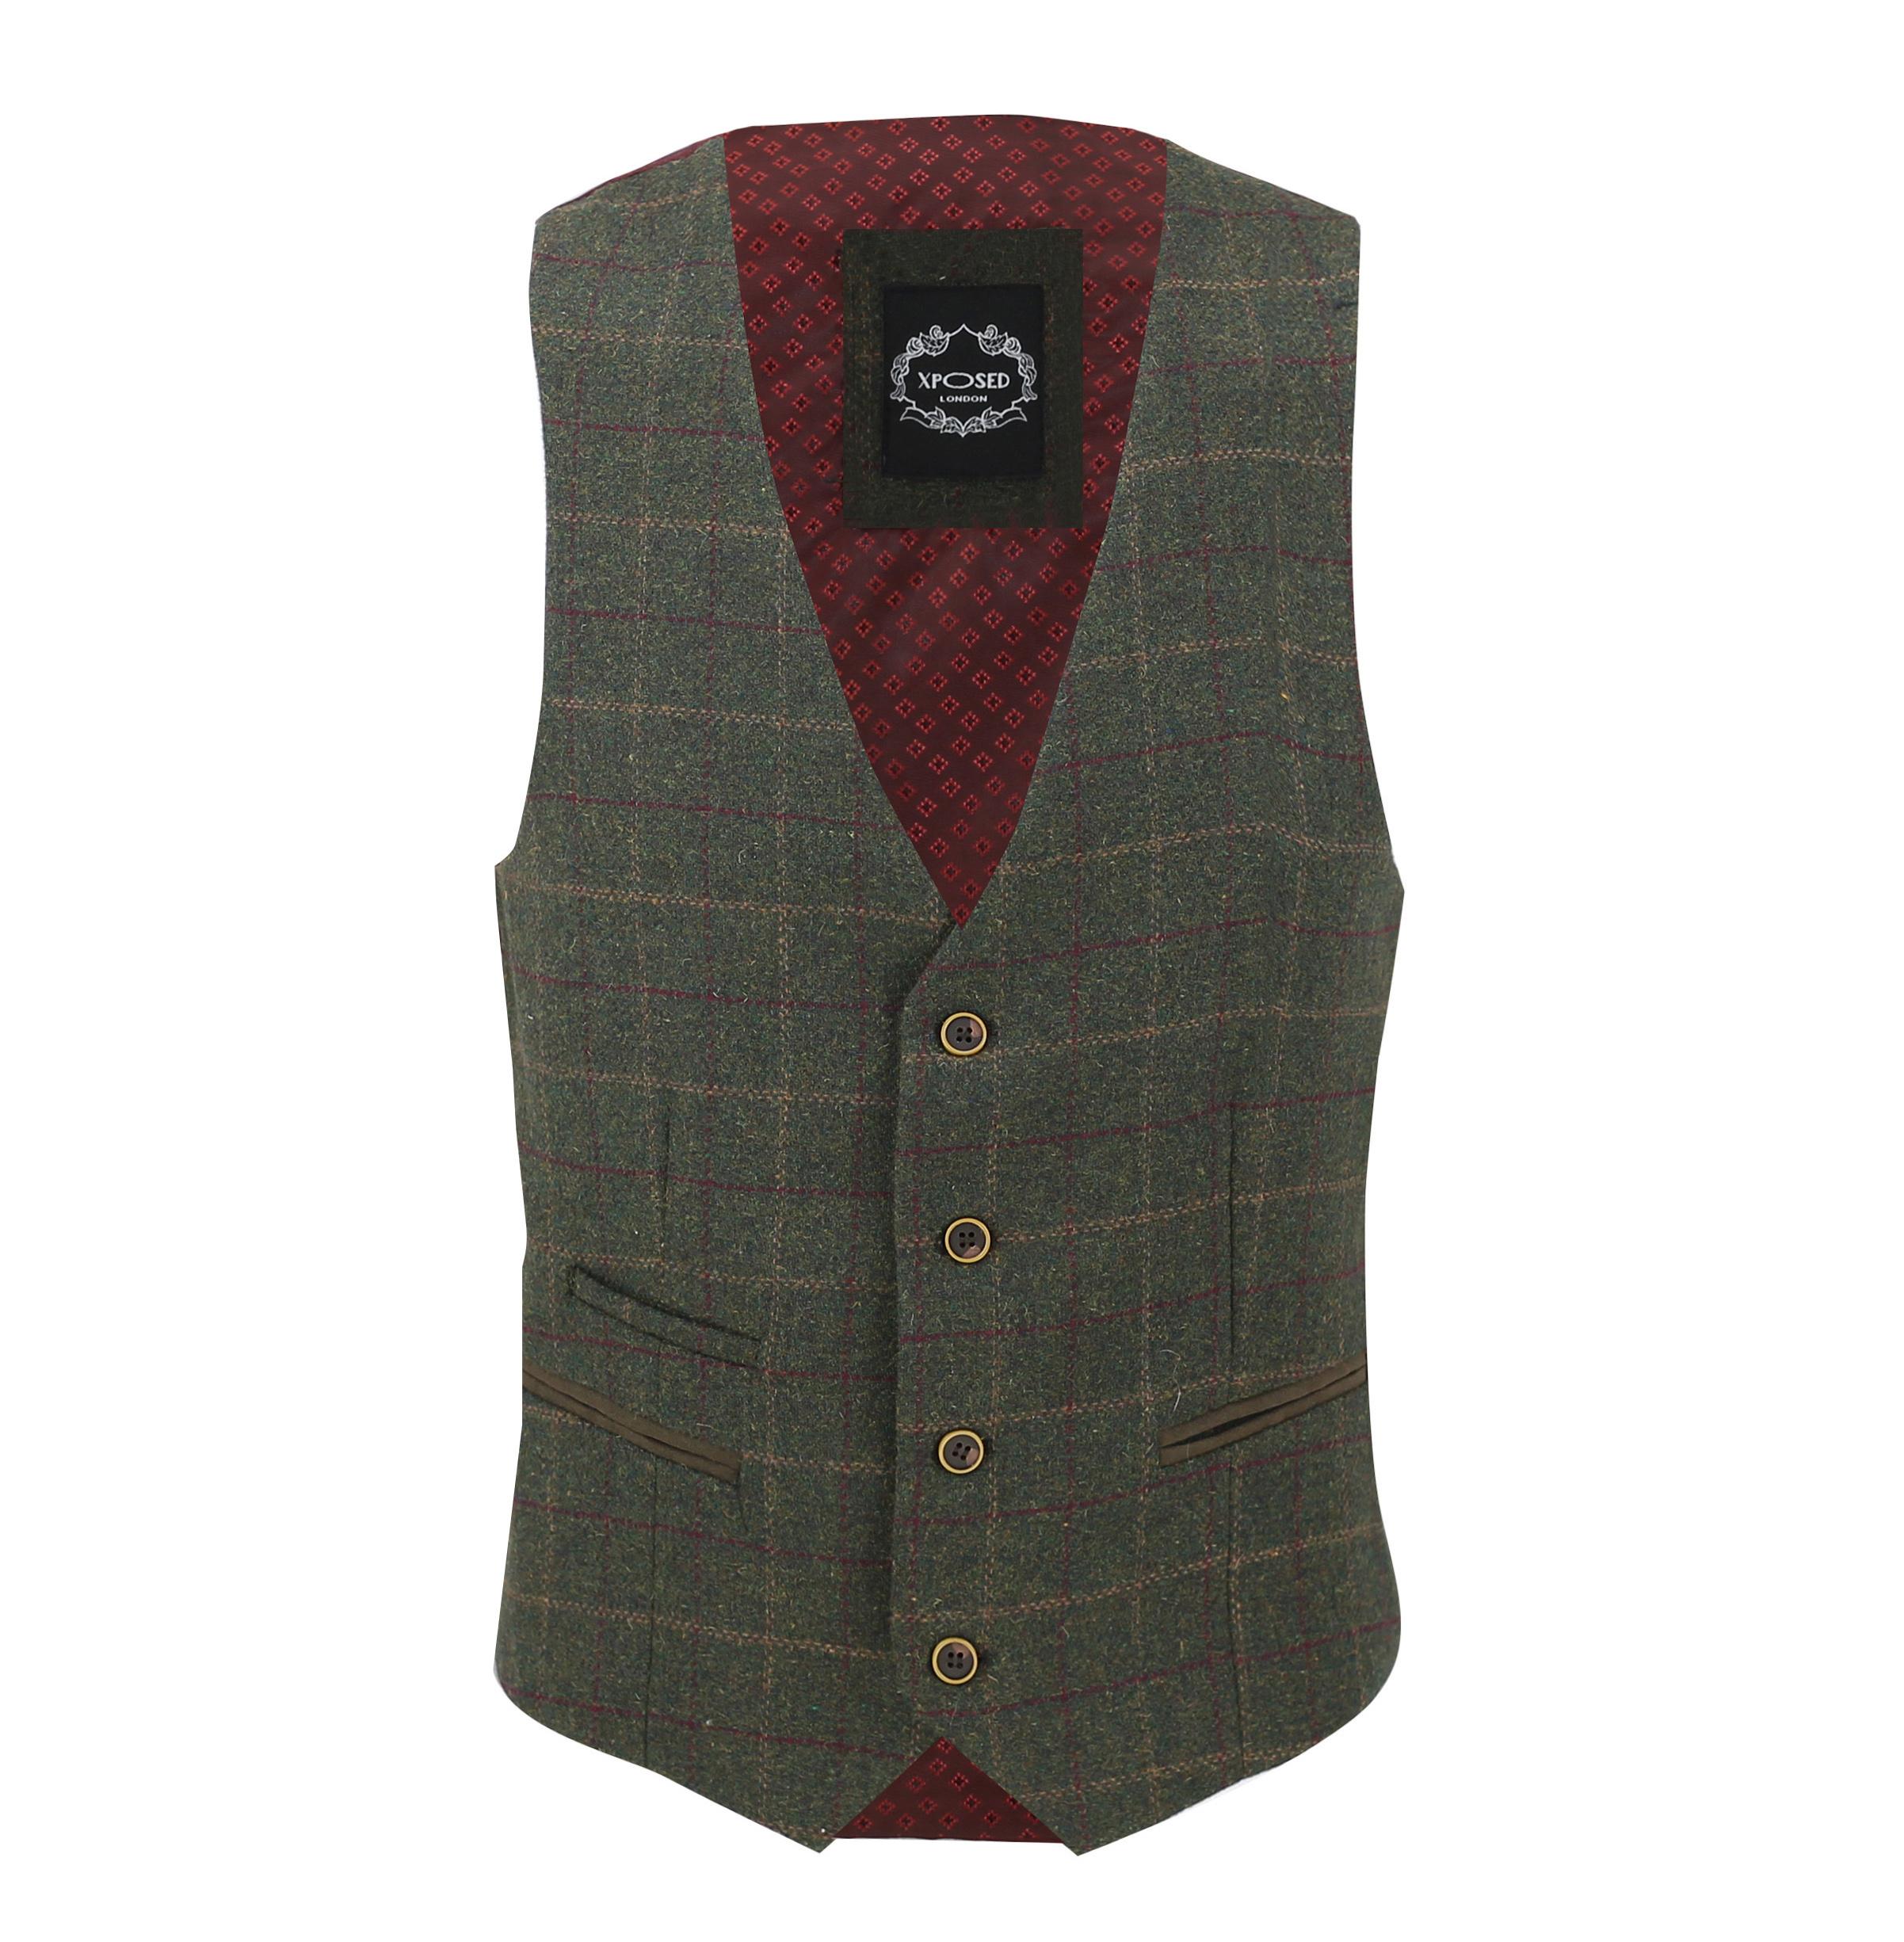 Mens-Vintage-Tweed-Check-Herringbone-Waistcoat-Casual-Retro-Grey-Brown-Green miniatuur 14